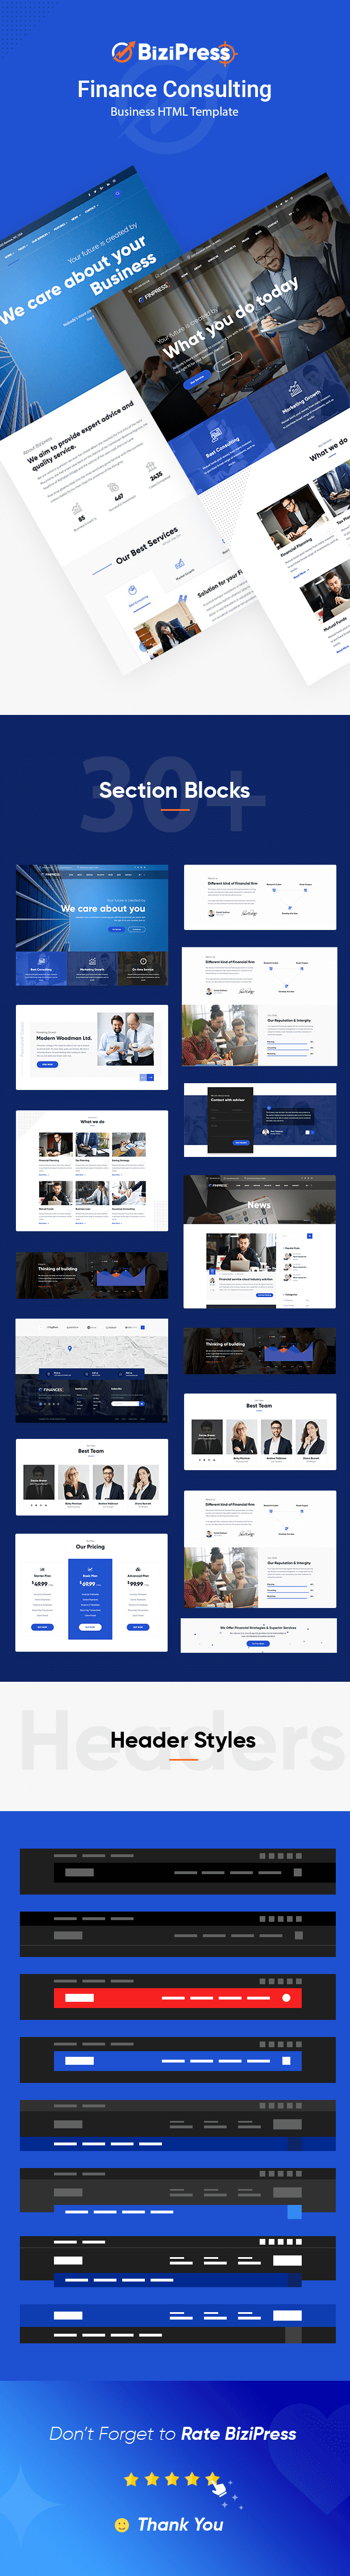 BiziPress HTML Feature